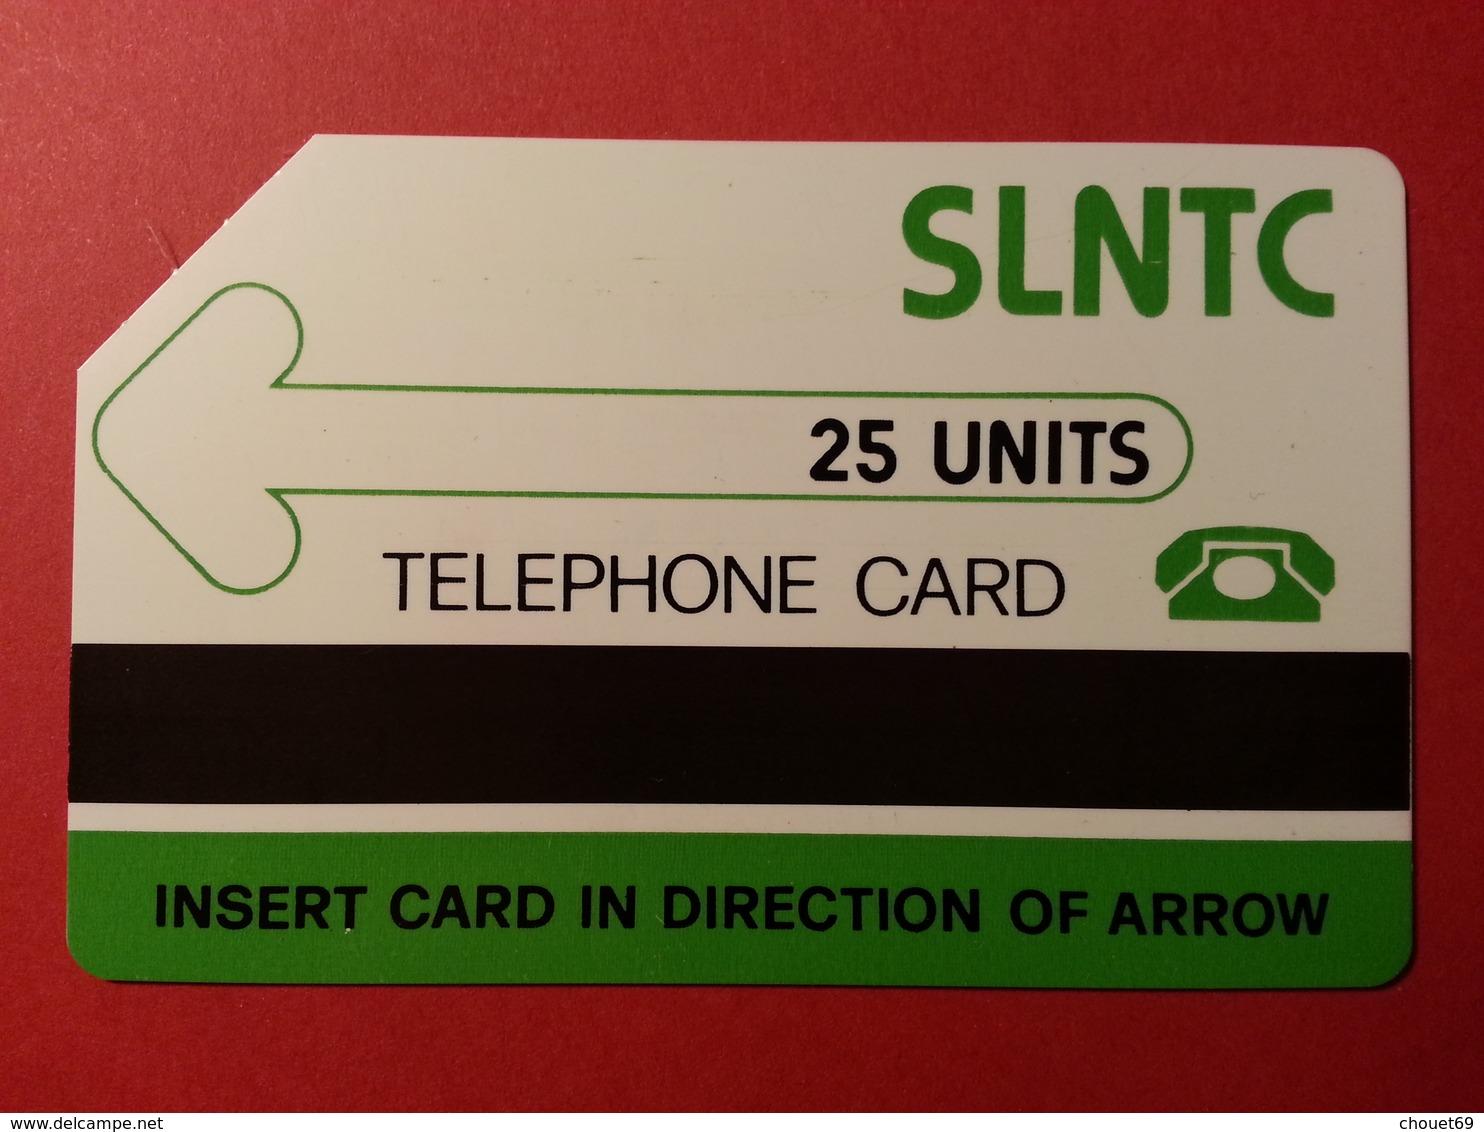 SIERRA LEONE 25u Matt PET First Test Card Green SLNTC Verso Bande Noire 1000ex Used URMET - Sierra Leone